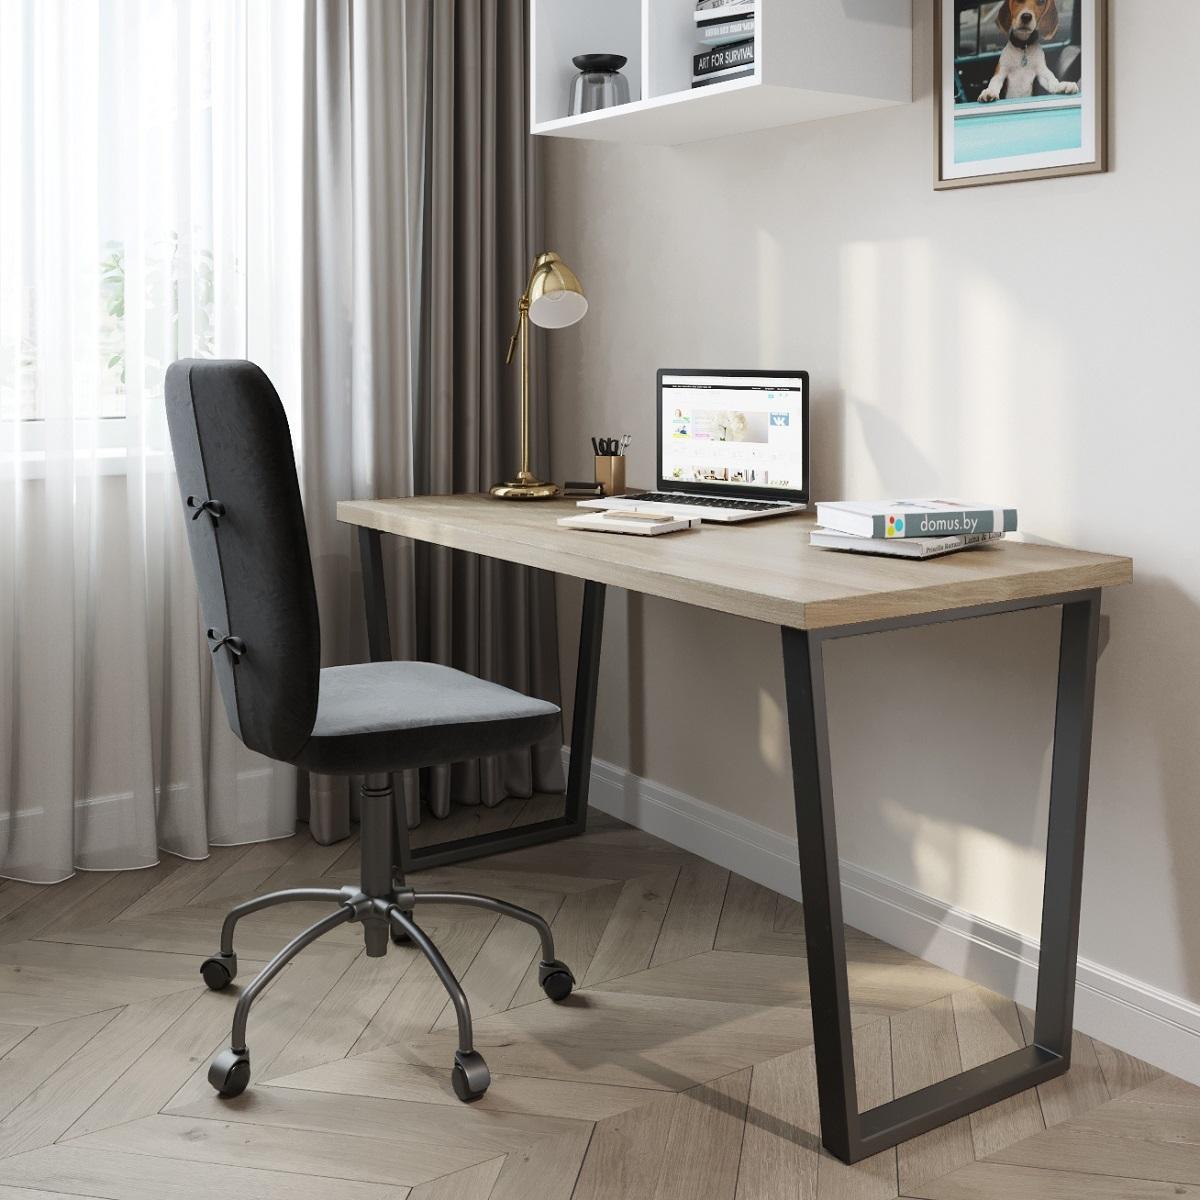 Письменный стол ДОМУС СП013 вяз светлый/металл черный